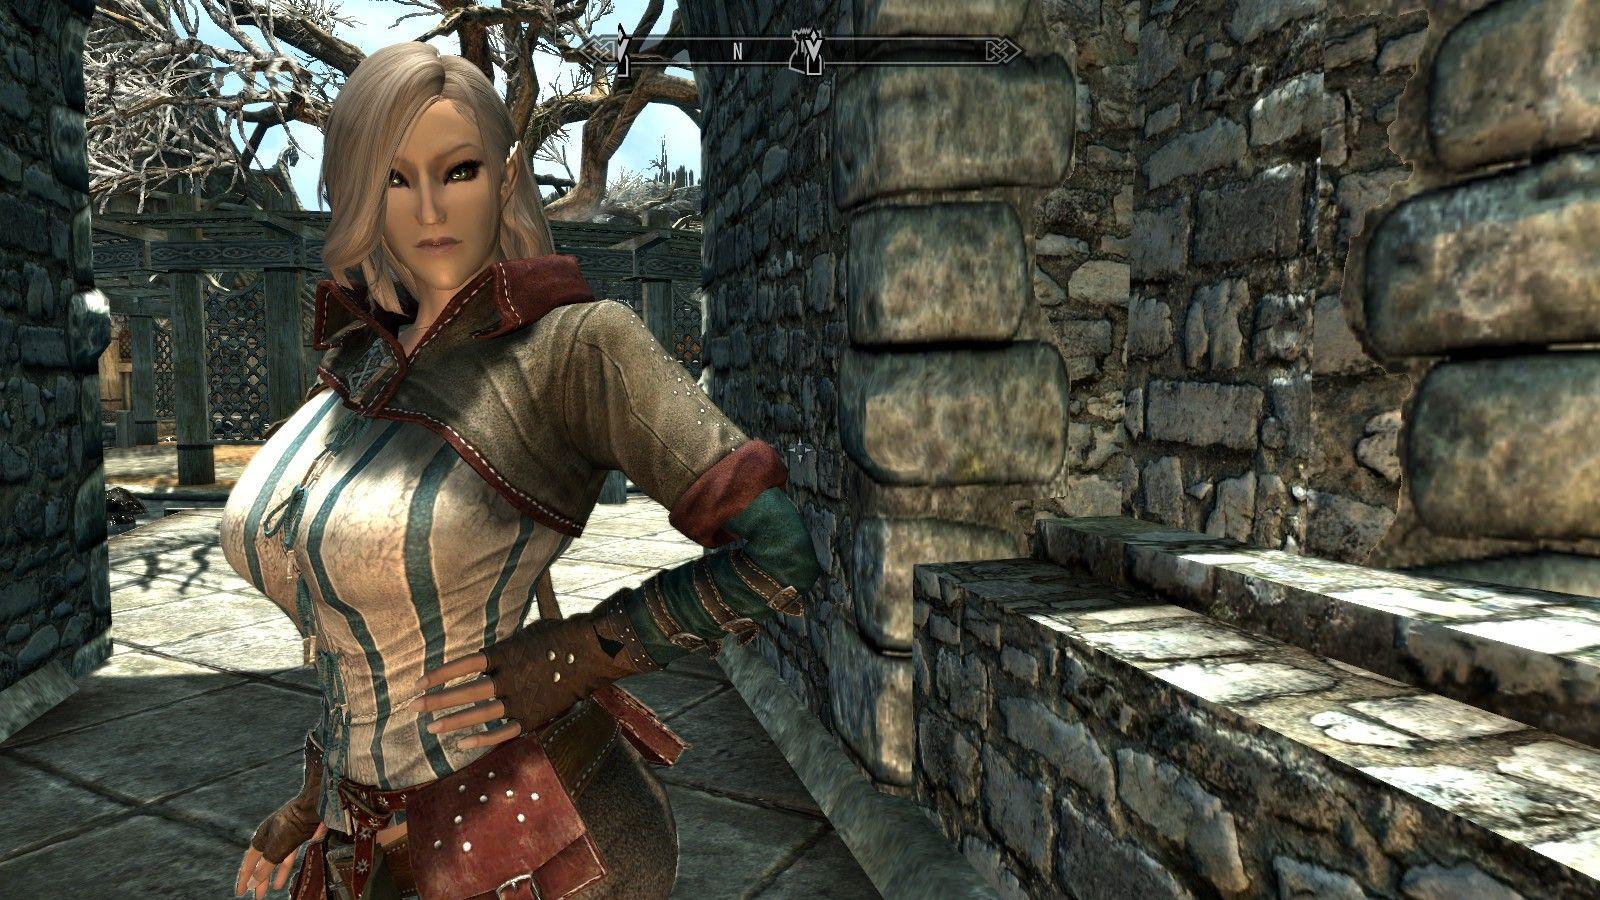 Pin by Shady Tran on The Elder Scrolls: Skyrim | Skyrim